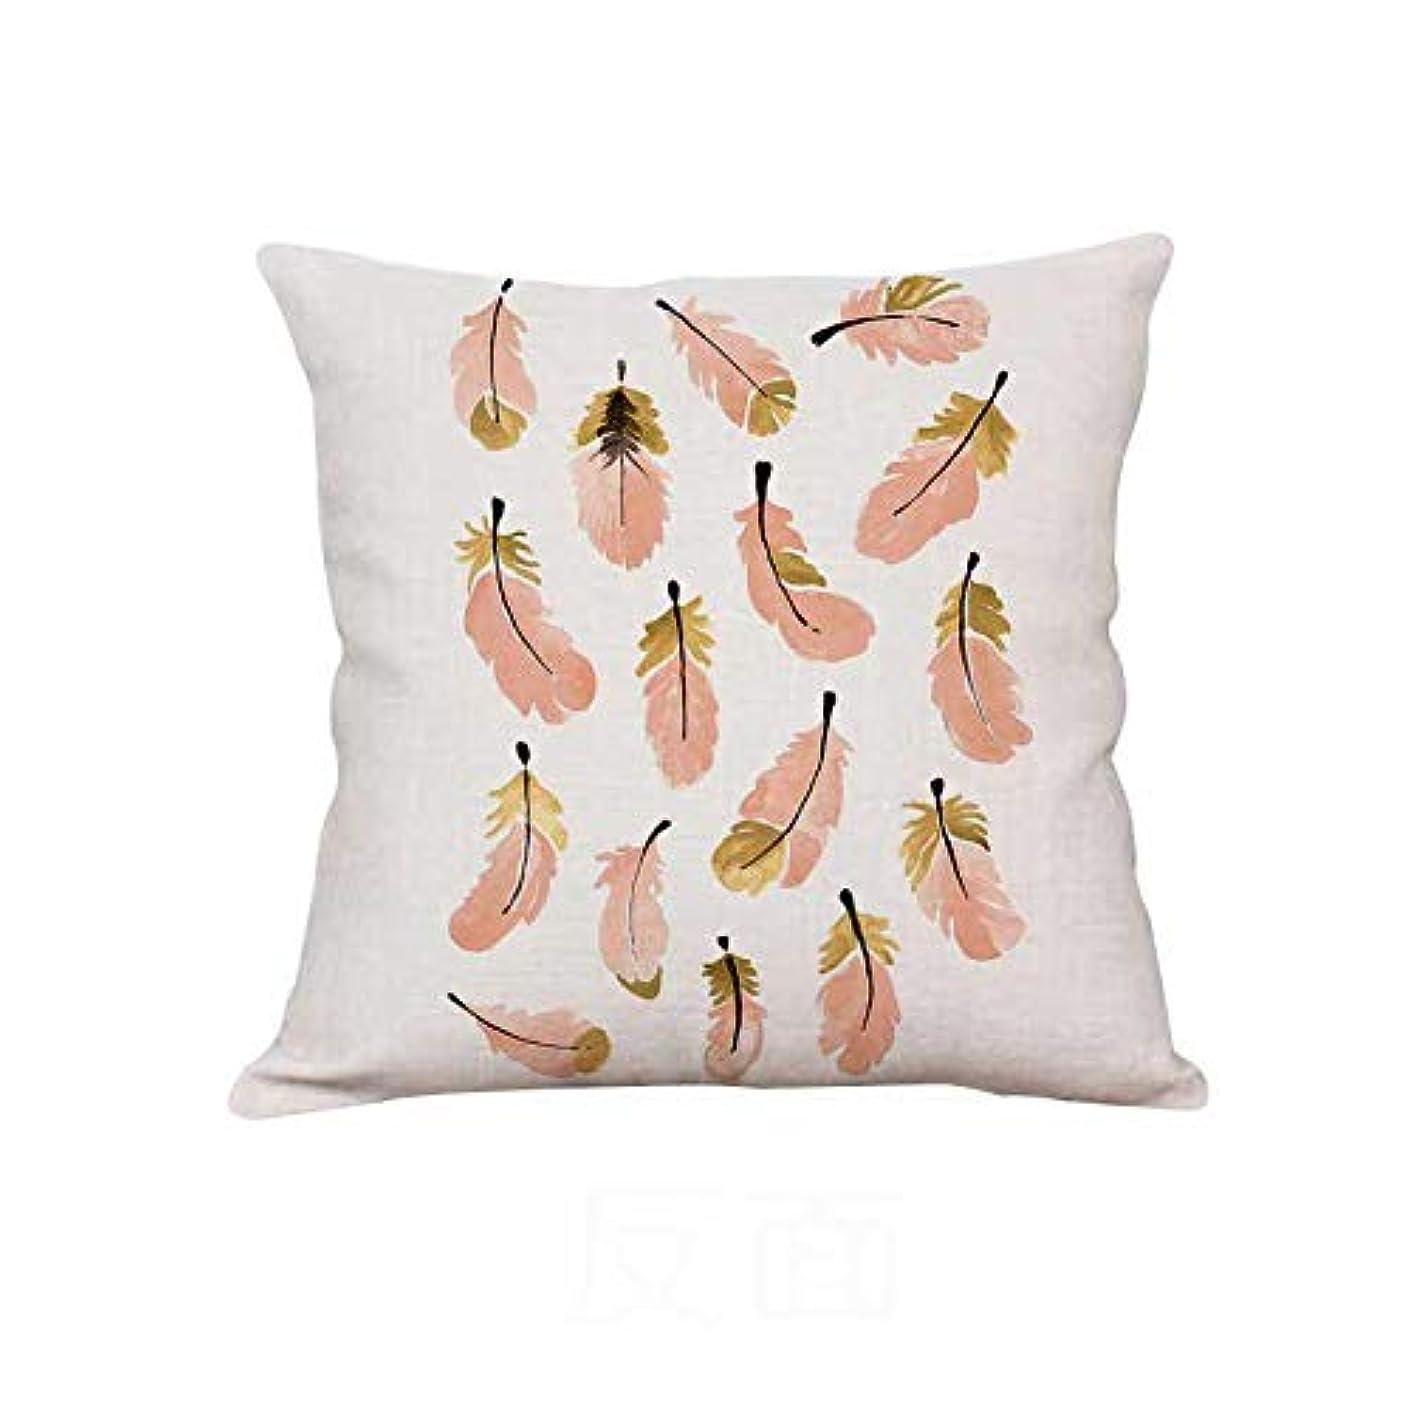 すりカート高潔なLIFE 新しいぬいぐるみピンクフラミンゴクッションガチョウの羽風船幾何北欧家の装飾ソファスロー枕用女の子ルーム装飾 クッション 椅子